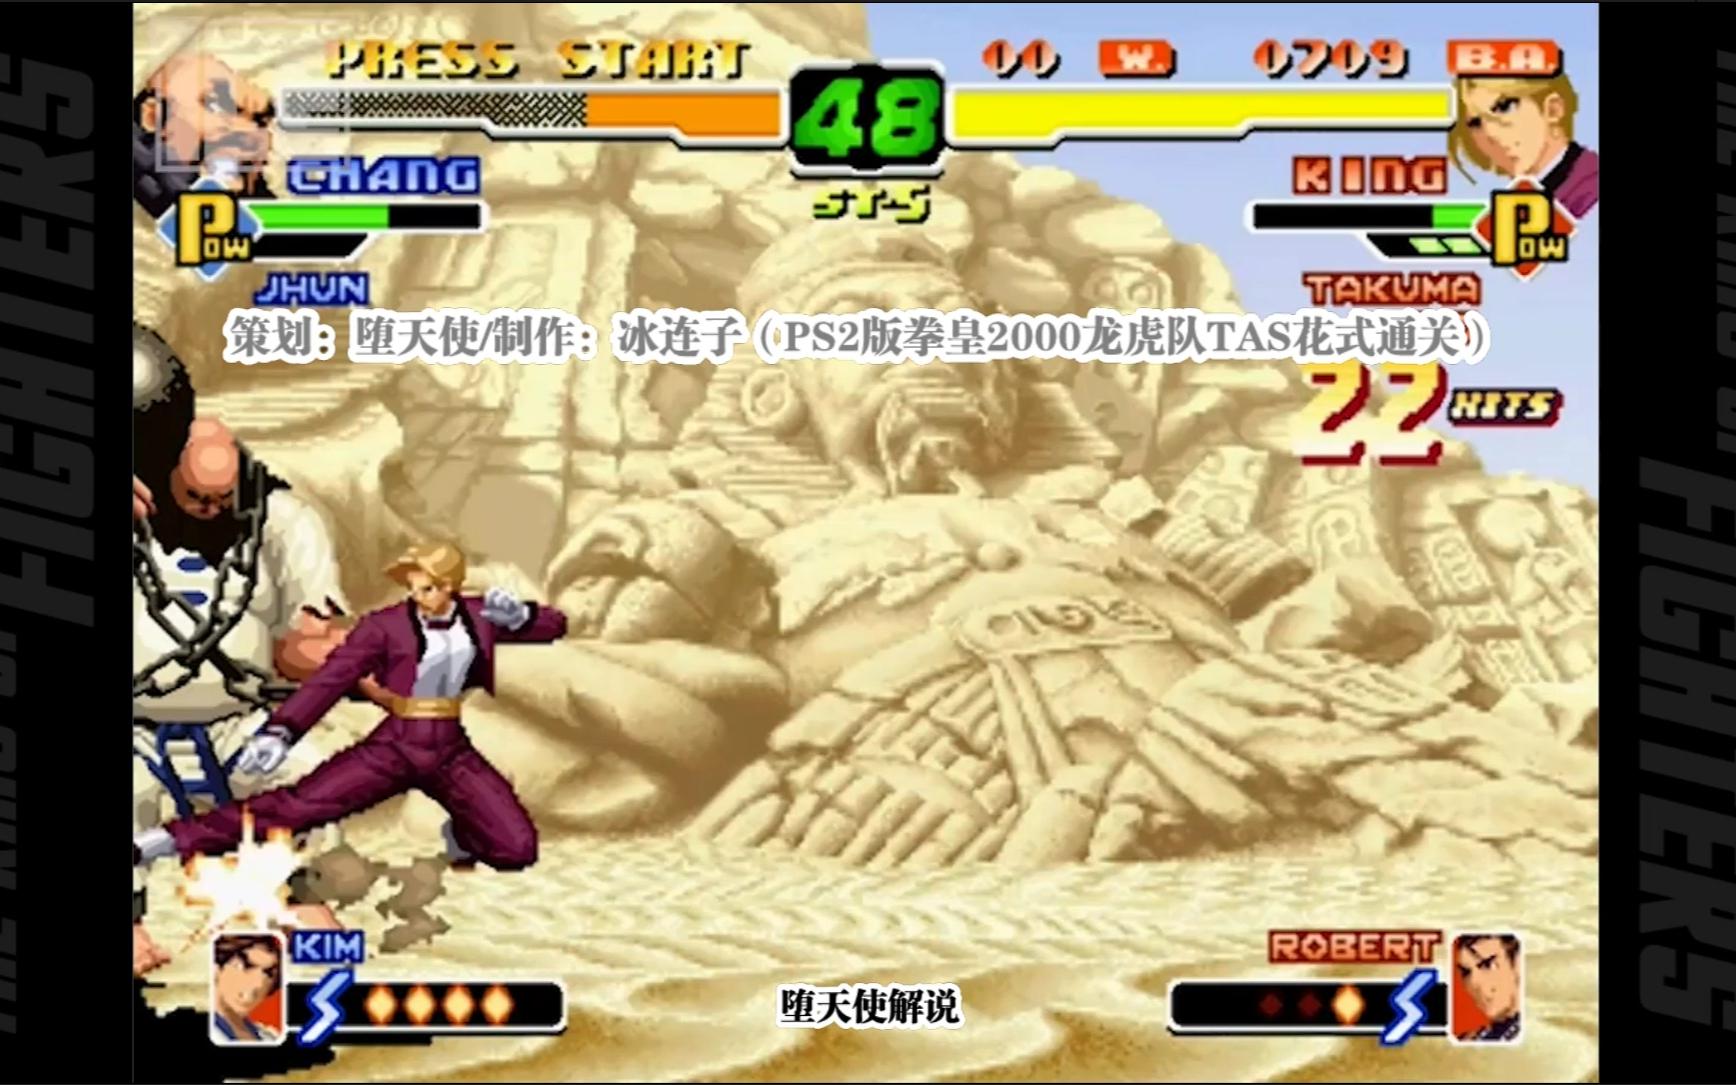 拳皇2000龙虎队tas表演,这可能是你见过最酷炫的通关方式!